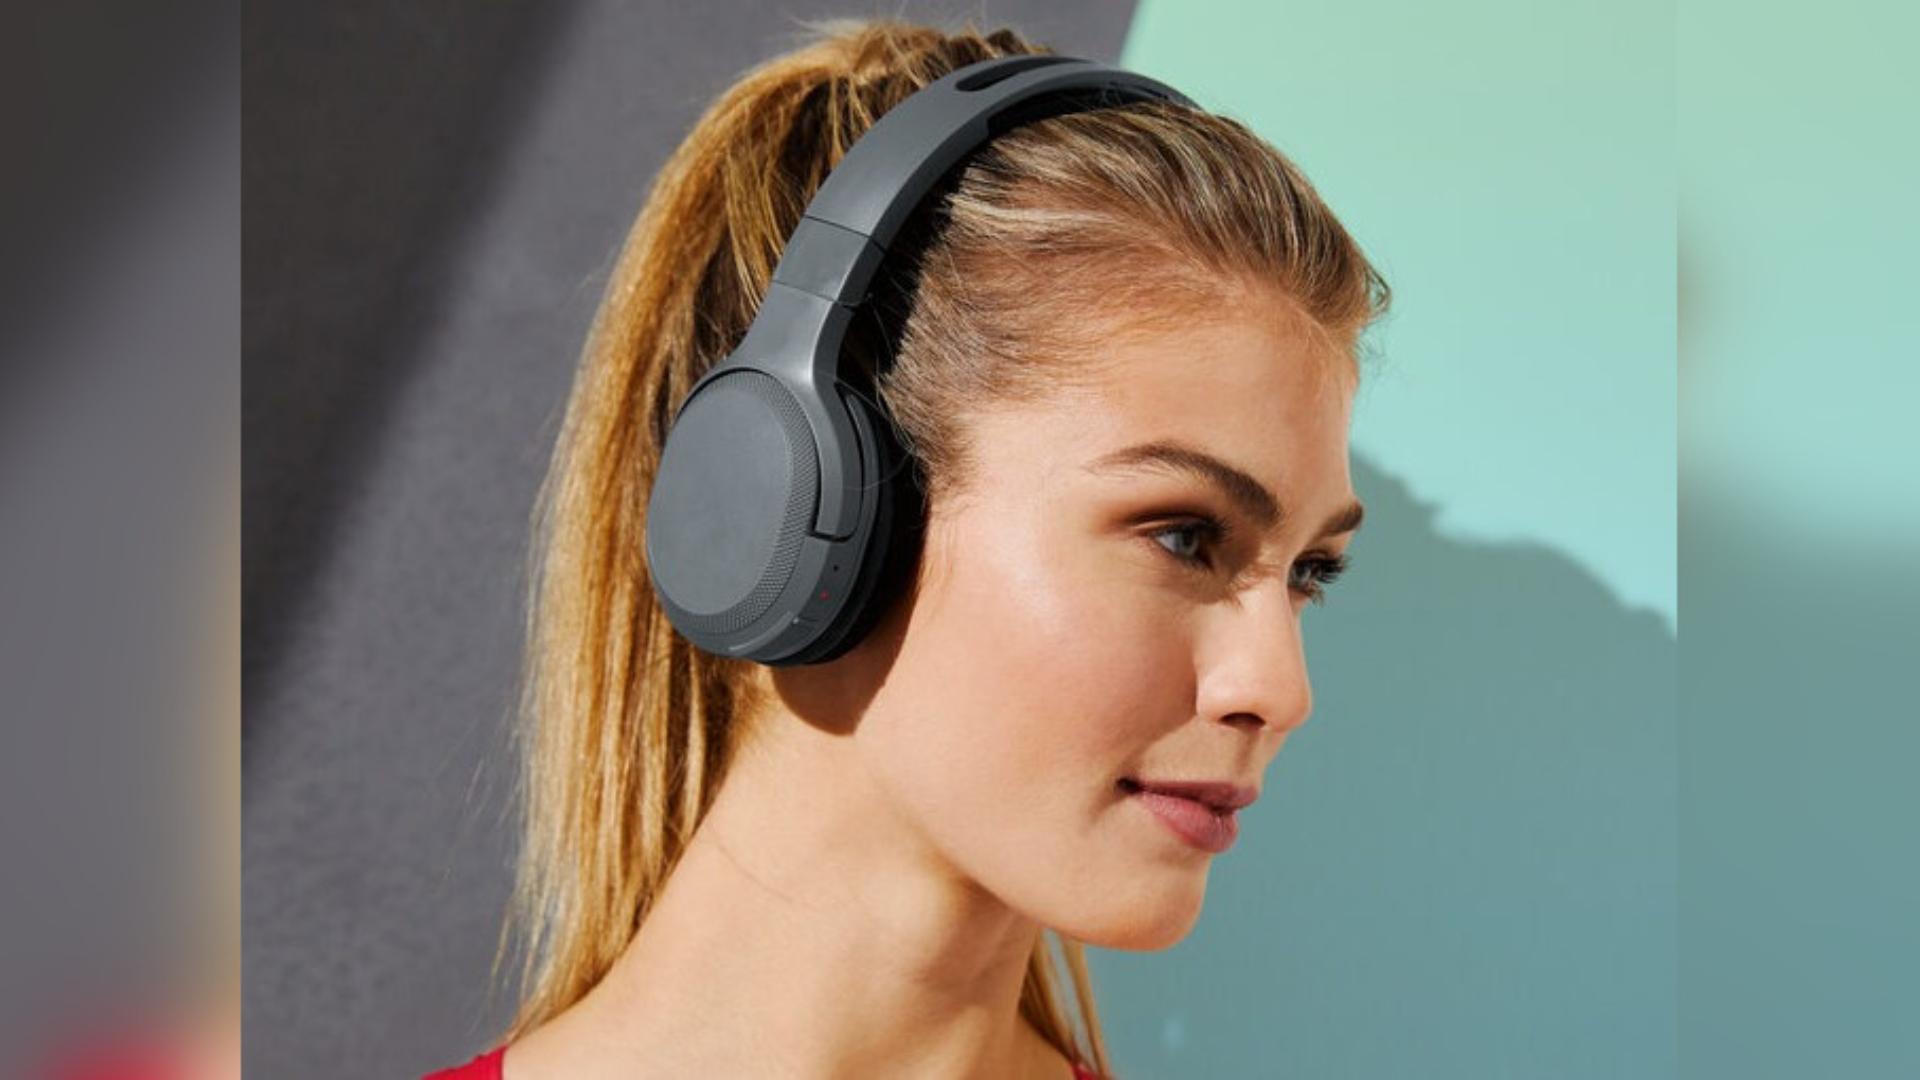 Căști audio Bluetooth over-ear, disponibile în curând la Lidl